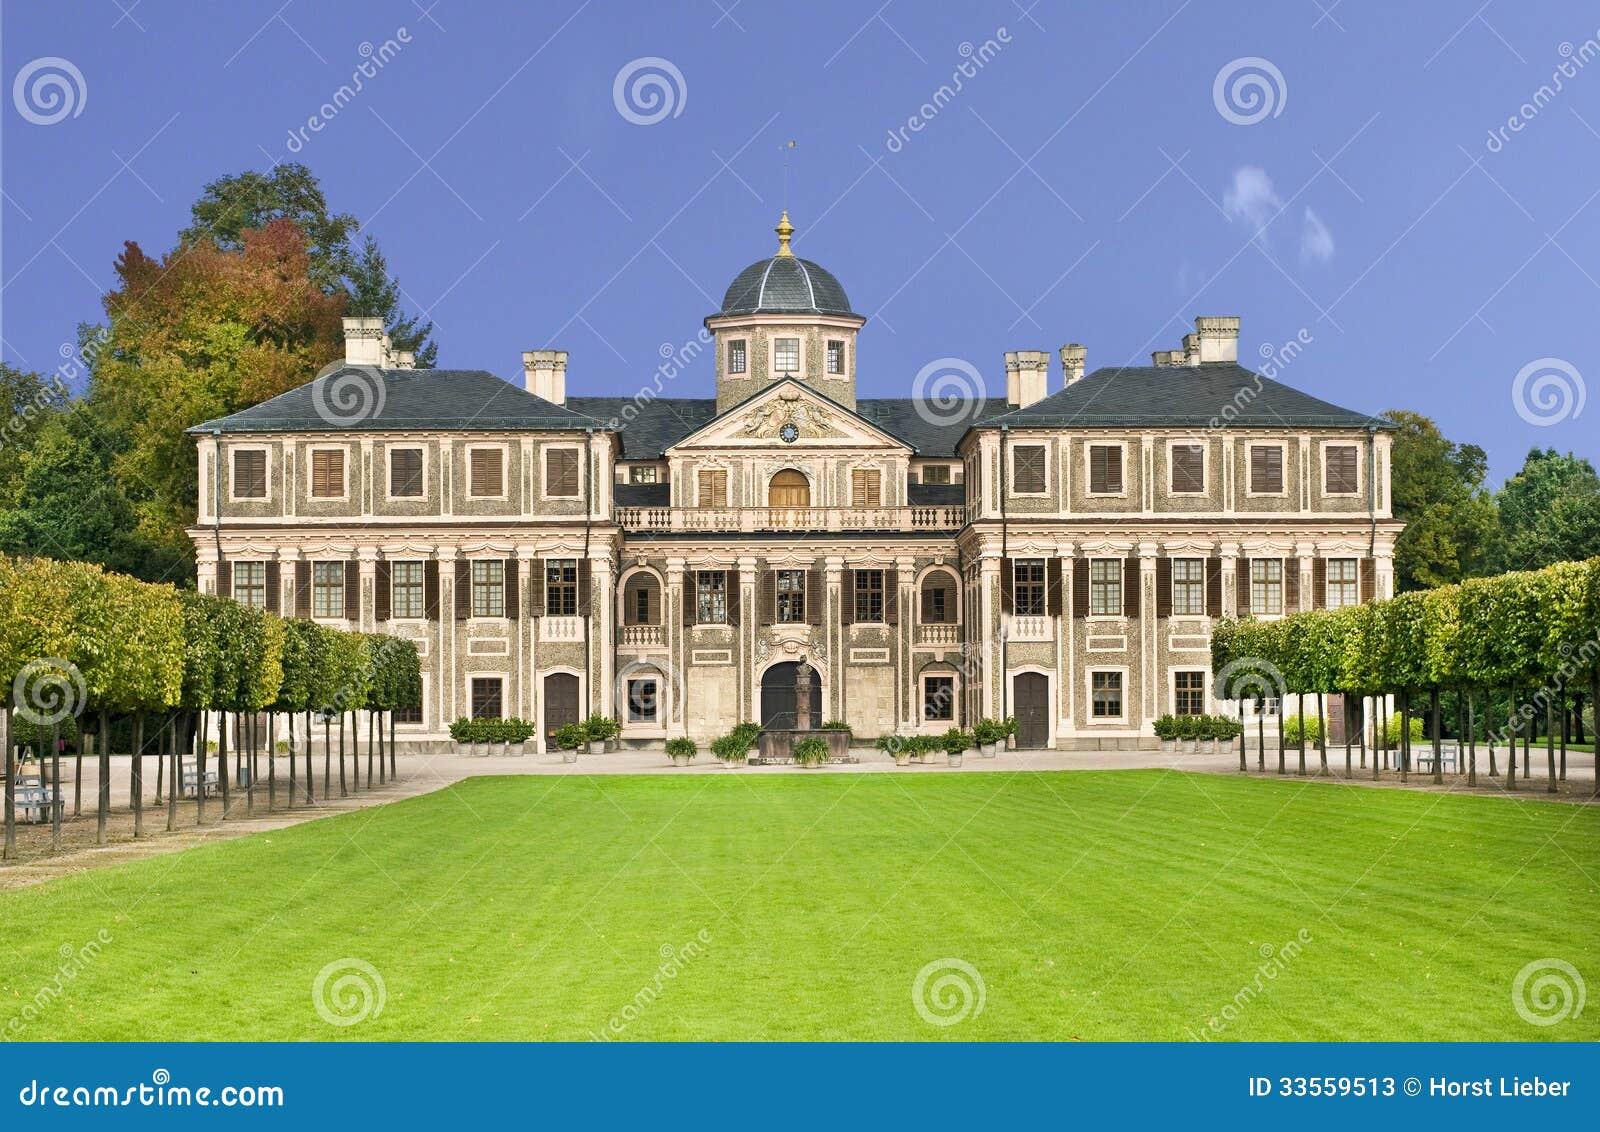 castles near baden baden germany